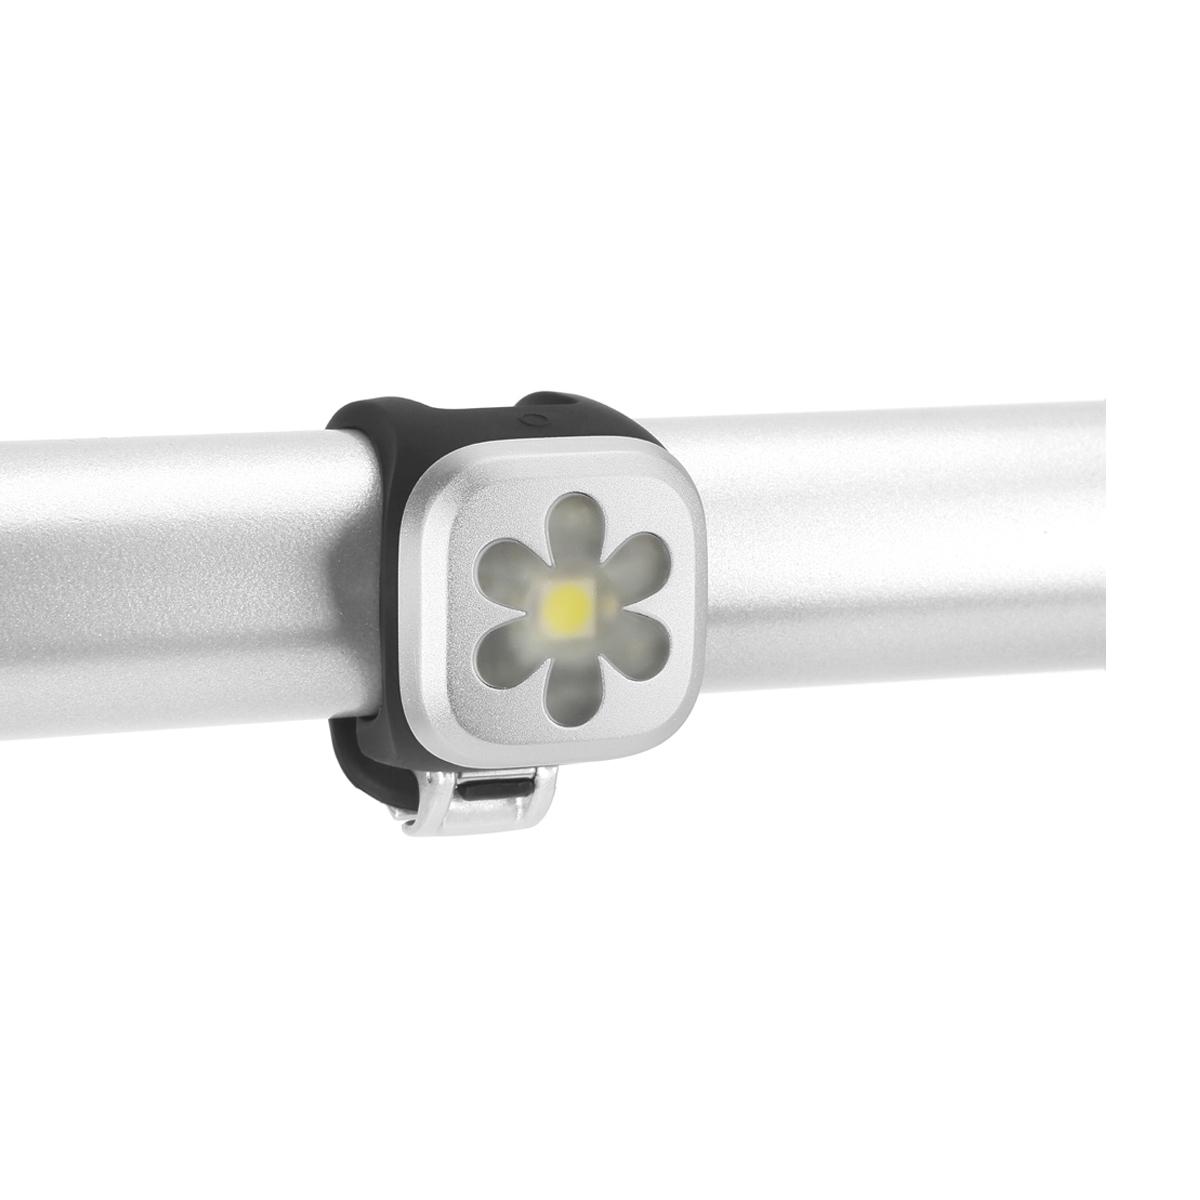 Éclairage avant Knog Blinder Fleur 1 LED - Argent